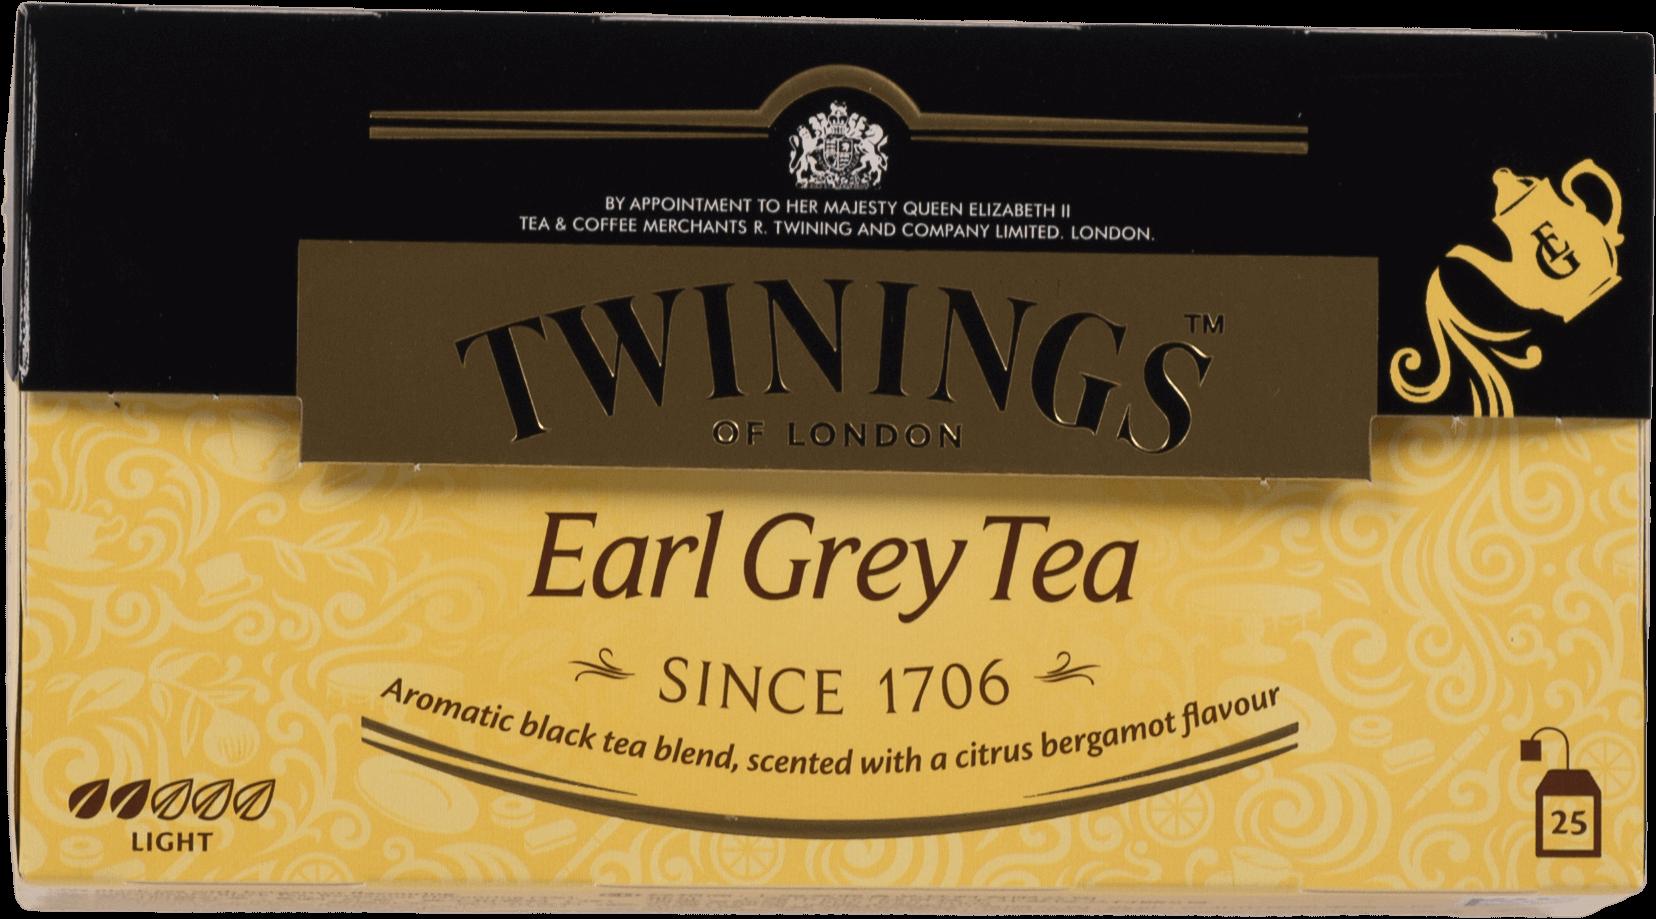 ชาซอง ทไวนิงส์ Earl Grey